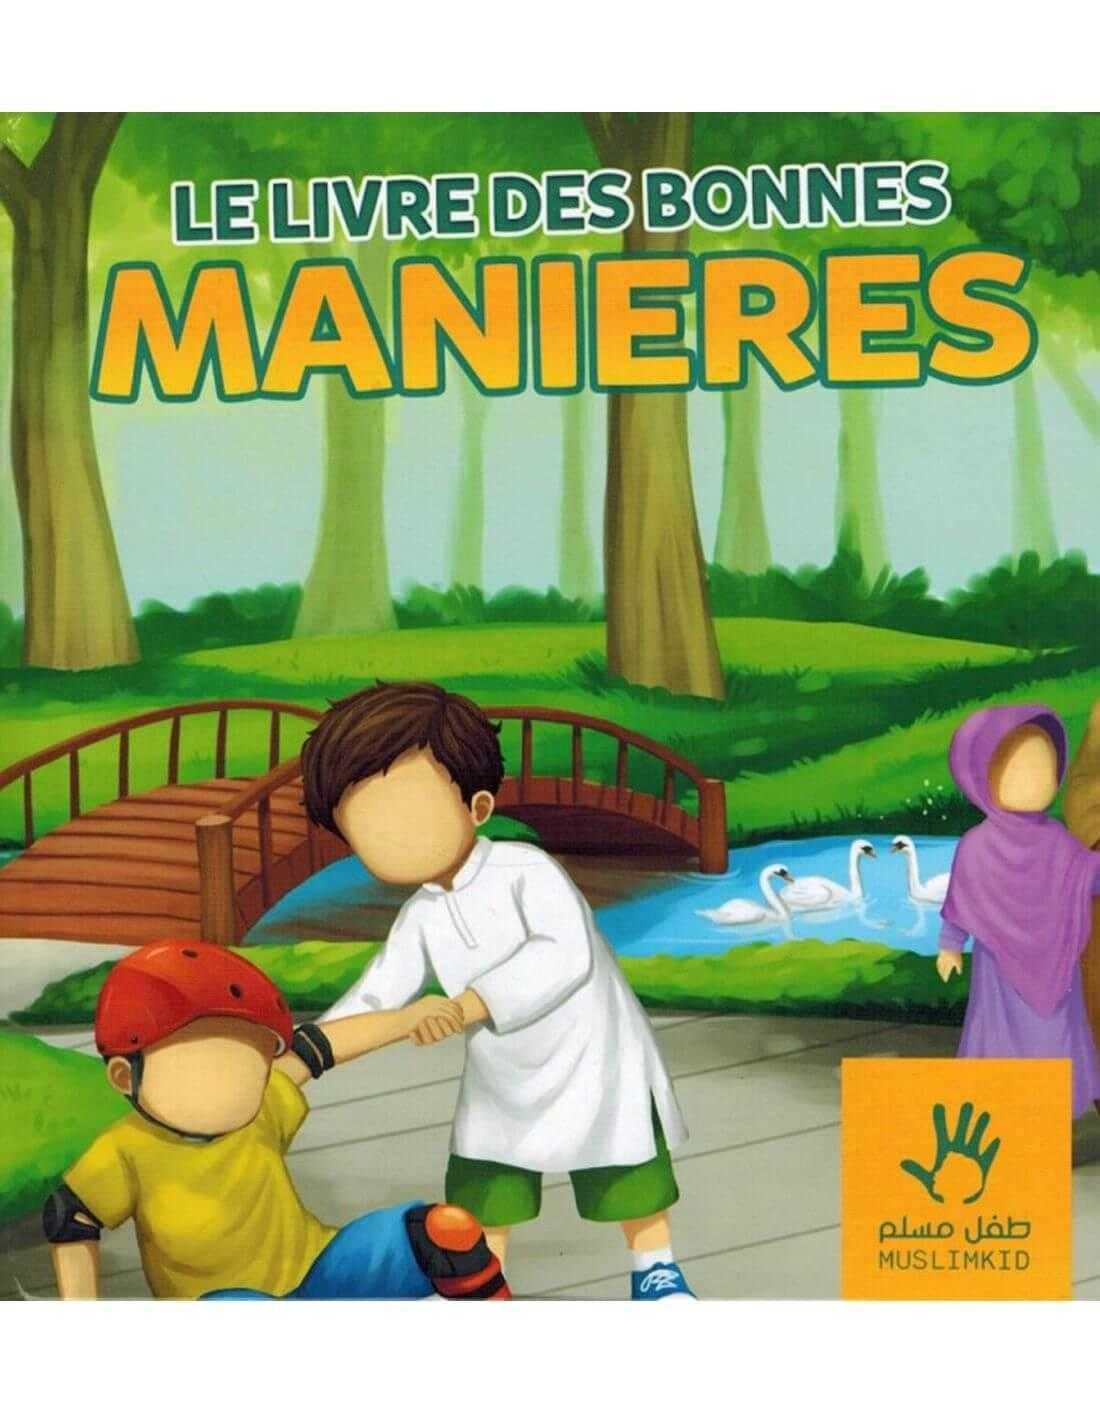 Le livre des bonnes manières muslim kids